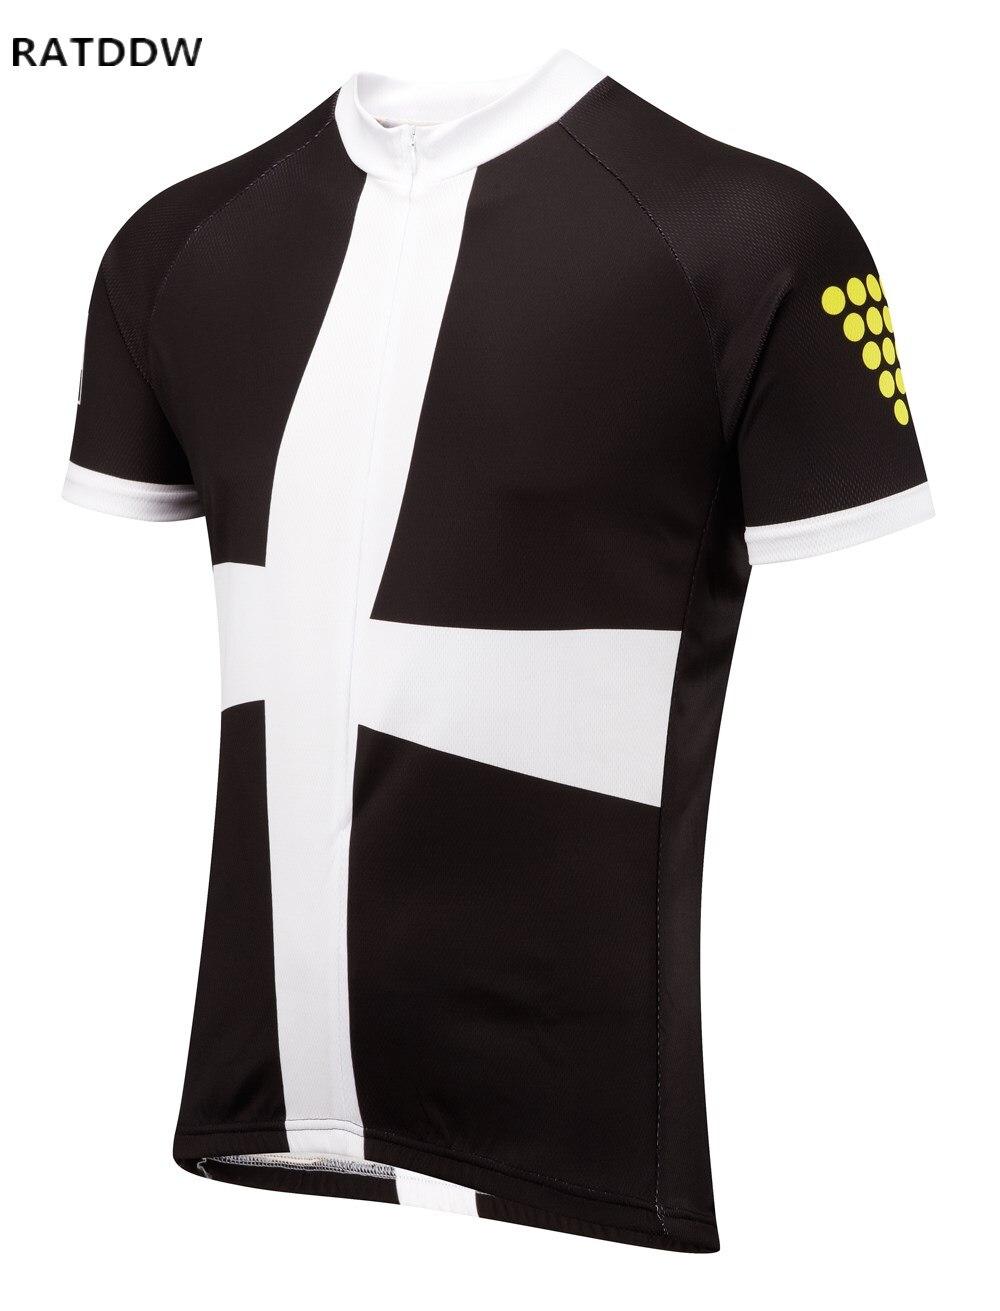 Ropa Ciclismo !! Muži Cornwall Road Cyklistika Jersey Cyklistické oblečení s krátkým rukávem Cyklo Jersey Rychleschnoucí horské oblečení Ciclismo